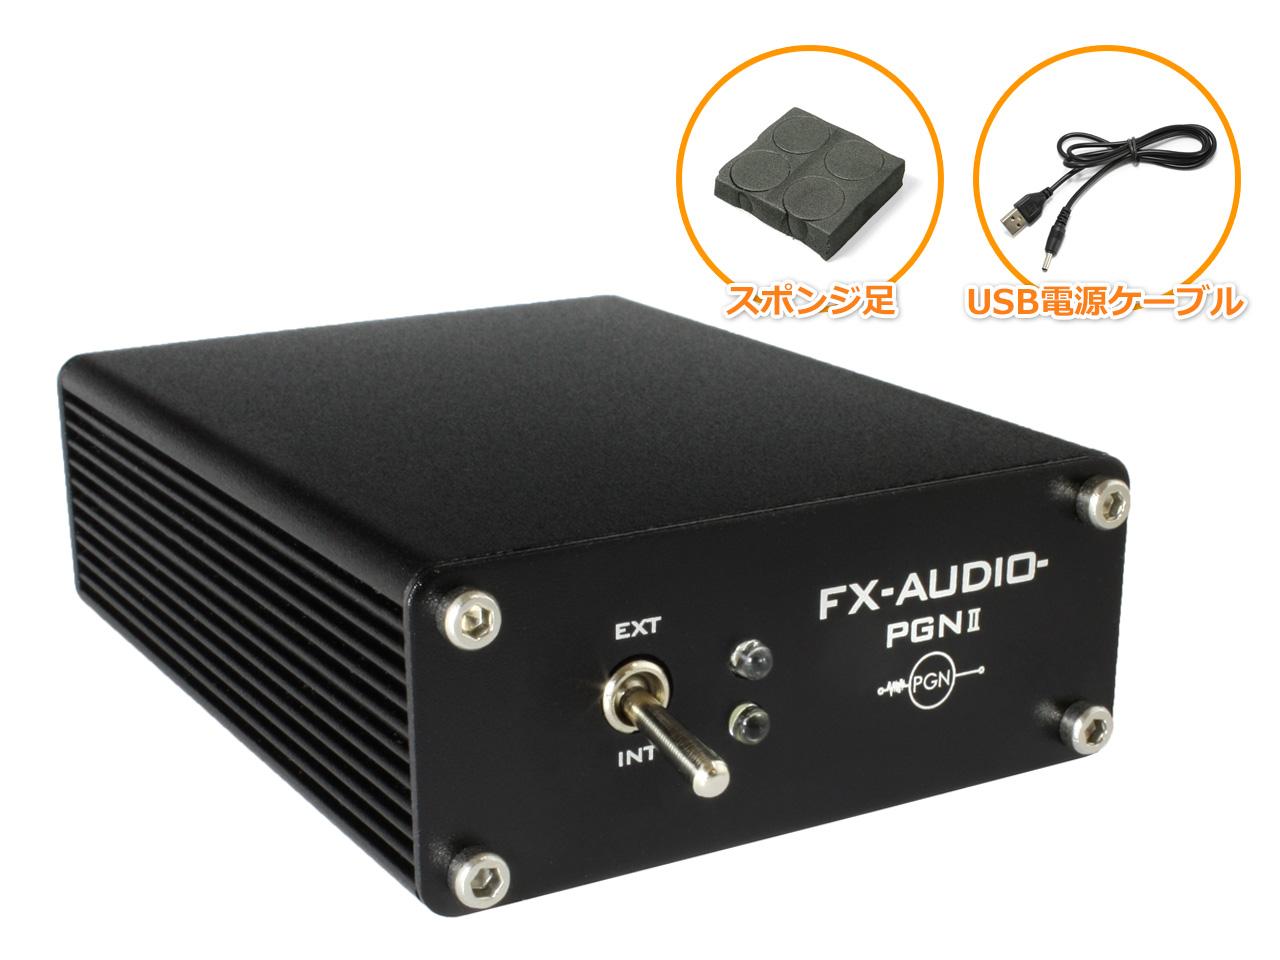 今だけスーパーセール限定 90%以上の方が効果を実感 ハイレゾ対応 USBノイズフィルター 予約販売品 FX-AUDIO- PGNII Goodbye Plate II Noises USBノイズフィルター機構付きUSBスタビライザー